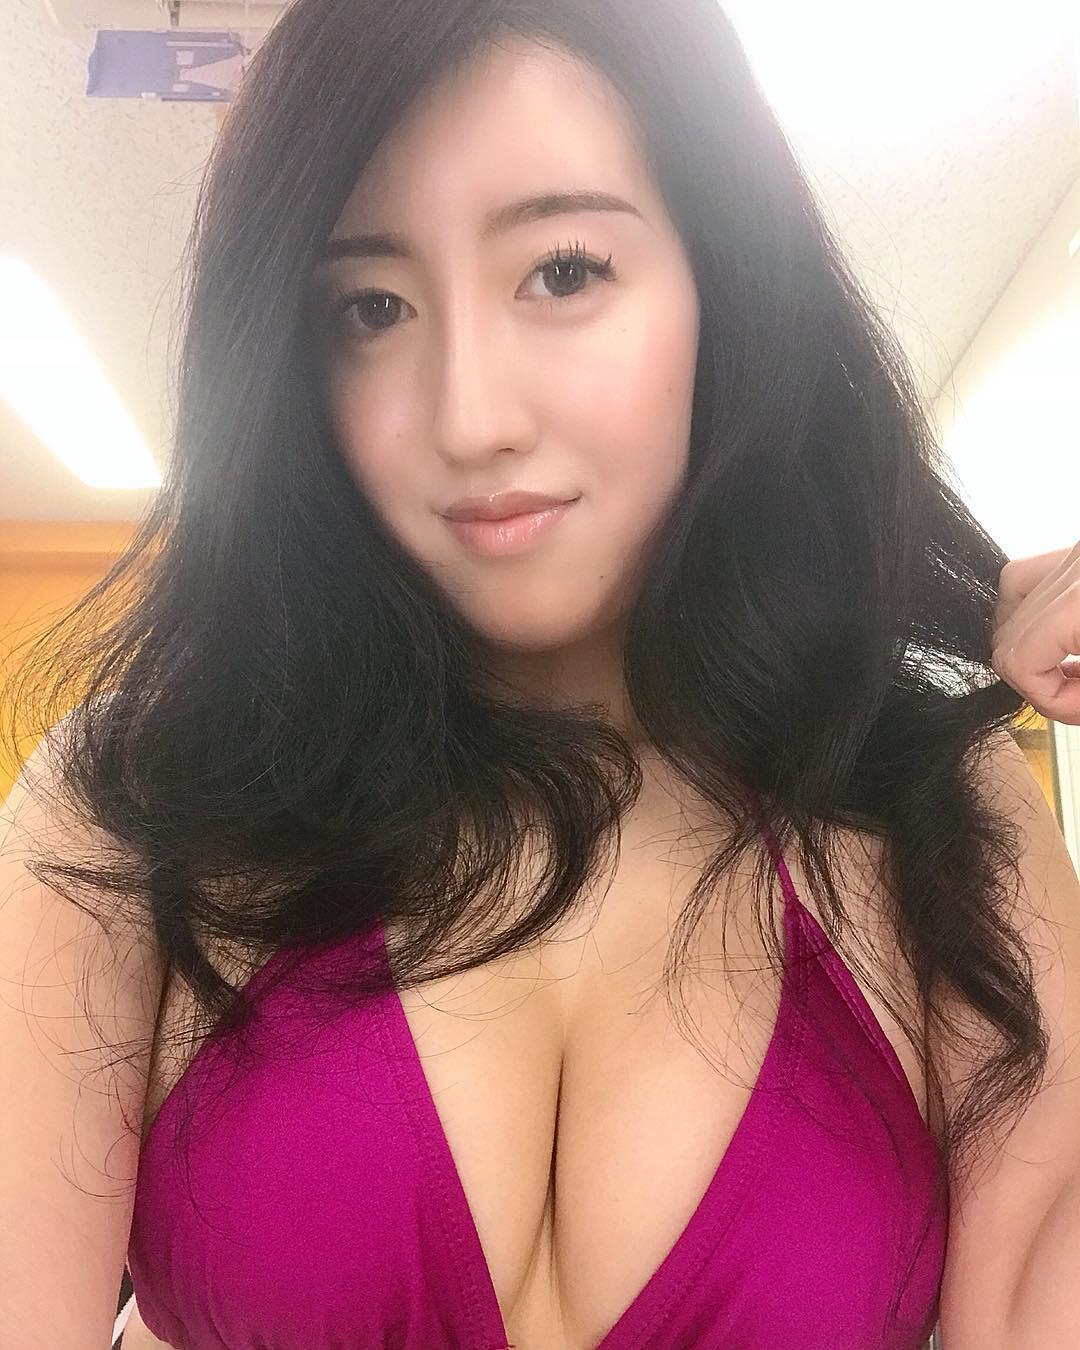 tsukigami_marina068.jpg